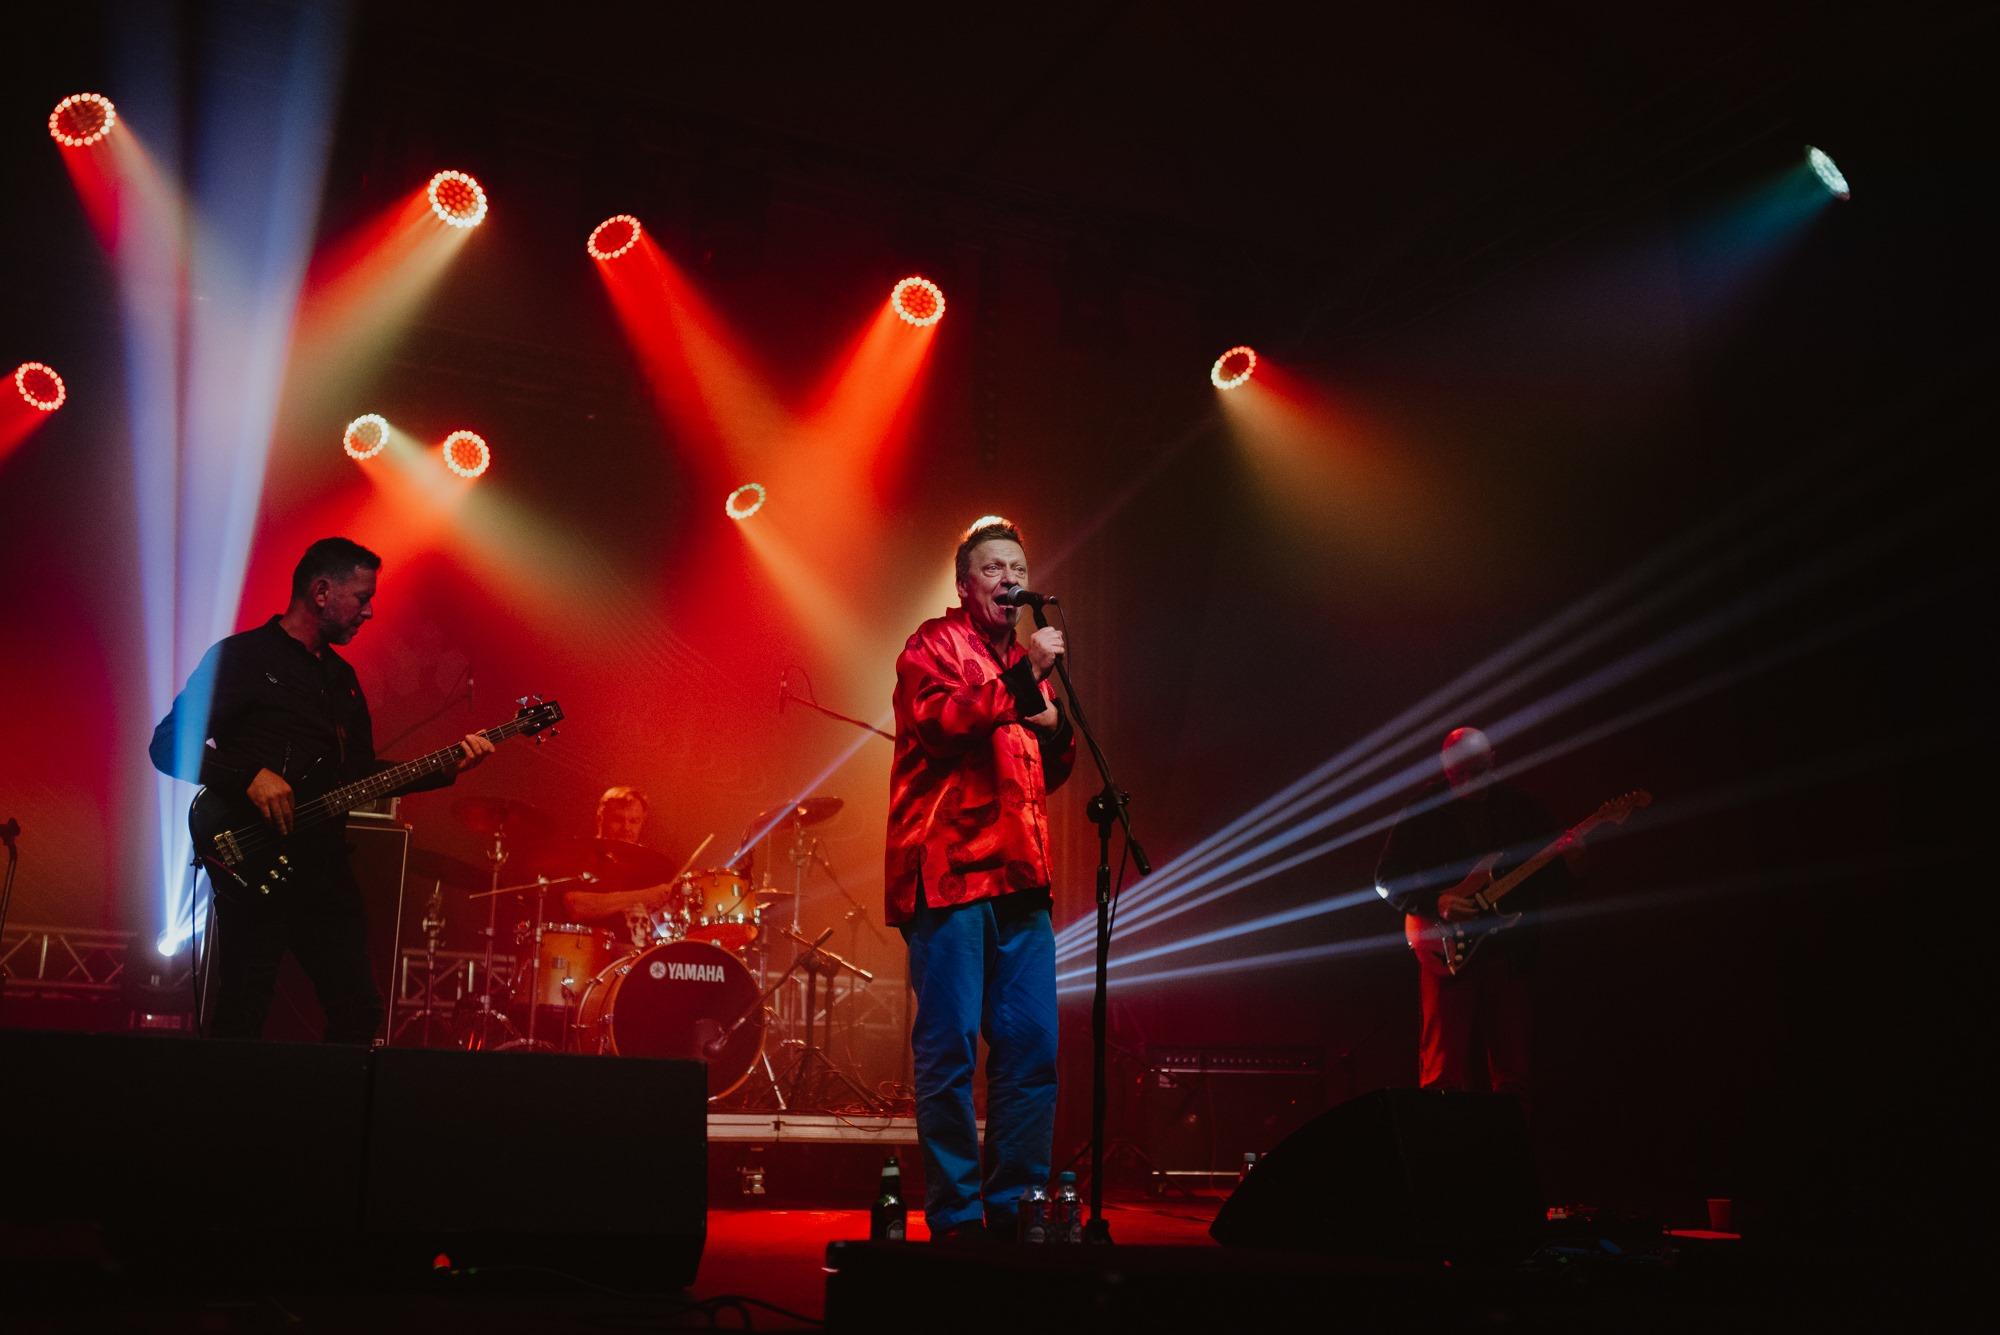 [Zdjęcie z koncertu zespołu Bielizna. Na pierwszym planie znajduje się mężczyzna w czerwonej koszuli i niebieskich spodniach śpiewający do mikrofonu. Na drugim palnie dwóch mężczyzn grających na gitarach. Na trzecim planie perkusista. Oświetlenie w kolorze czerwonym.]